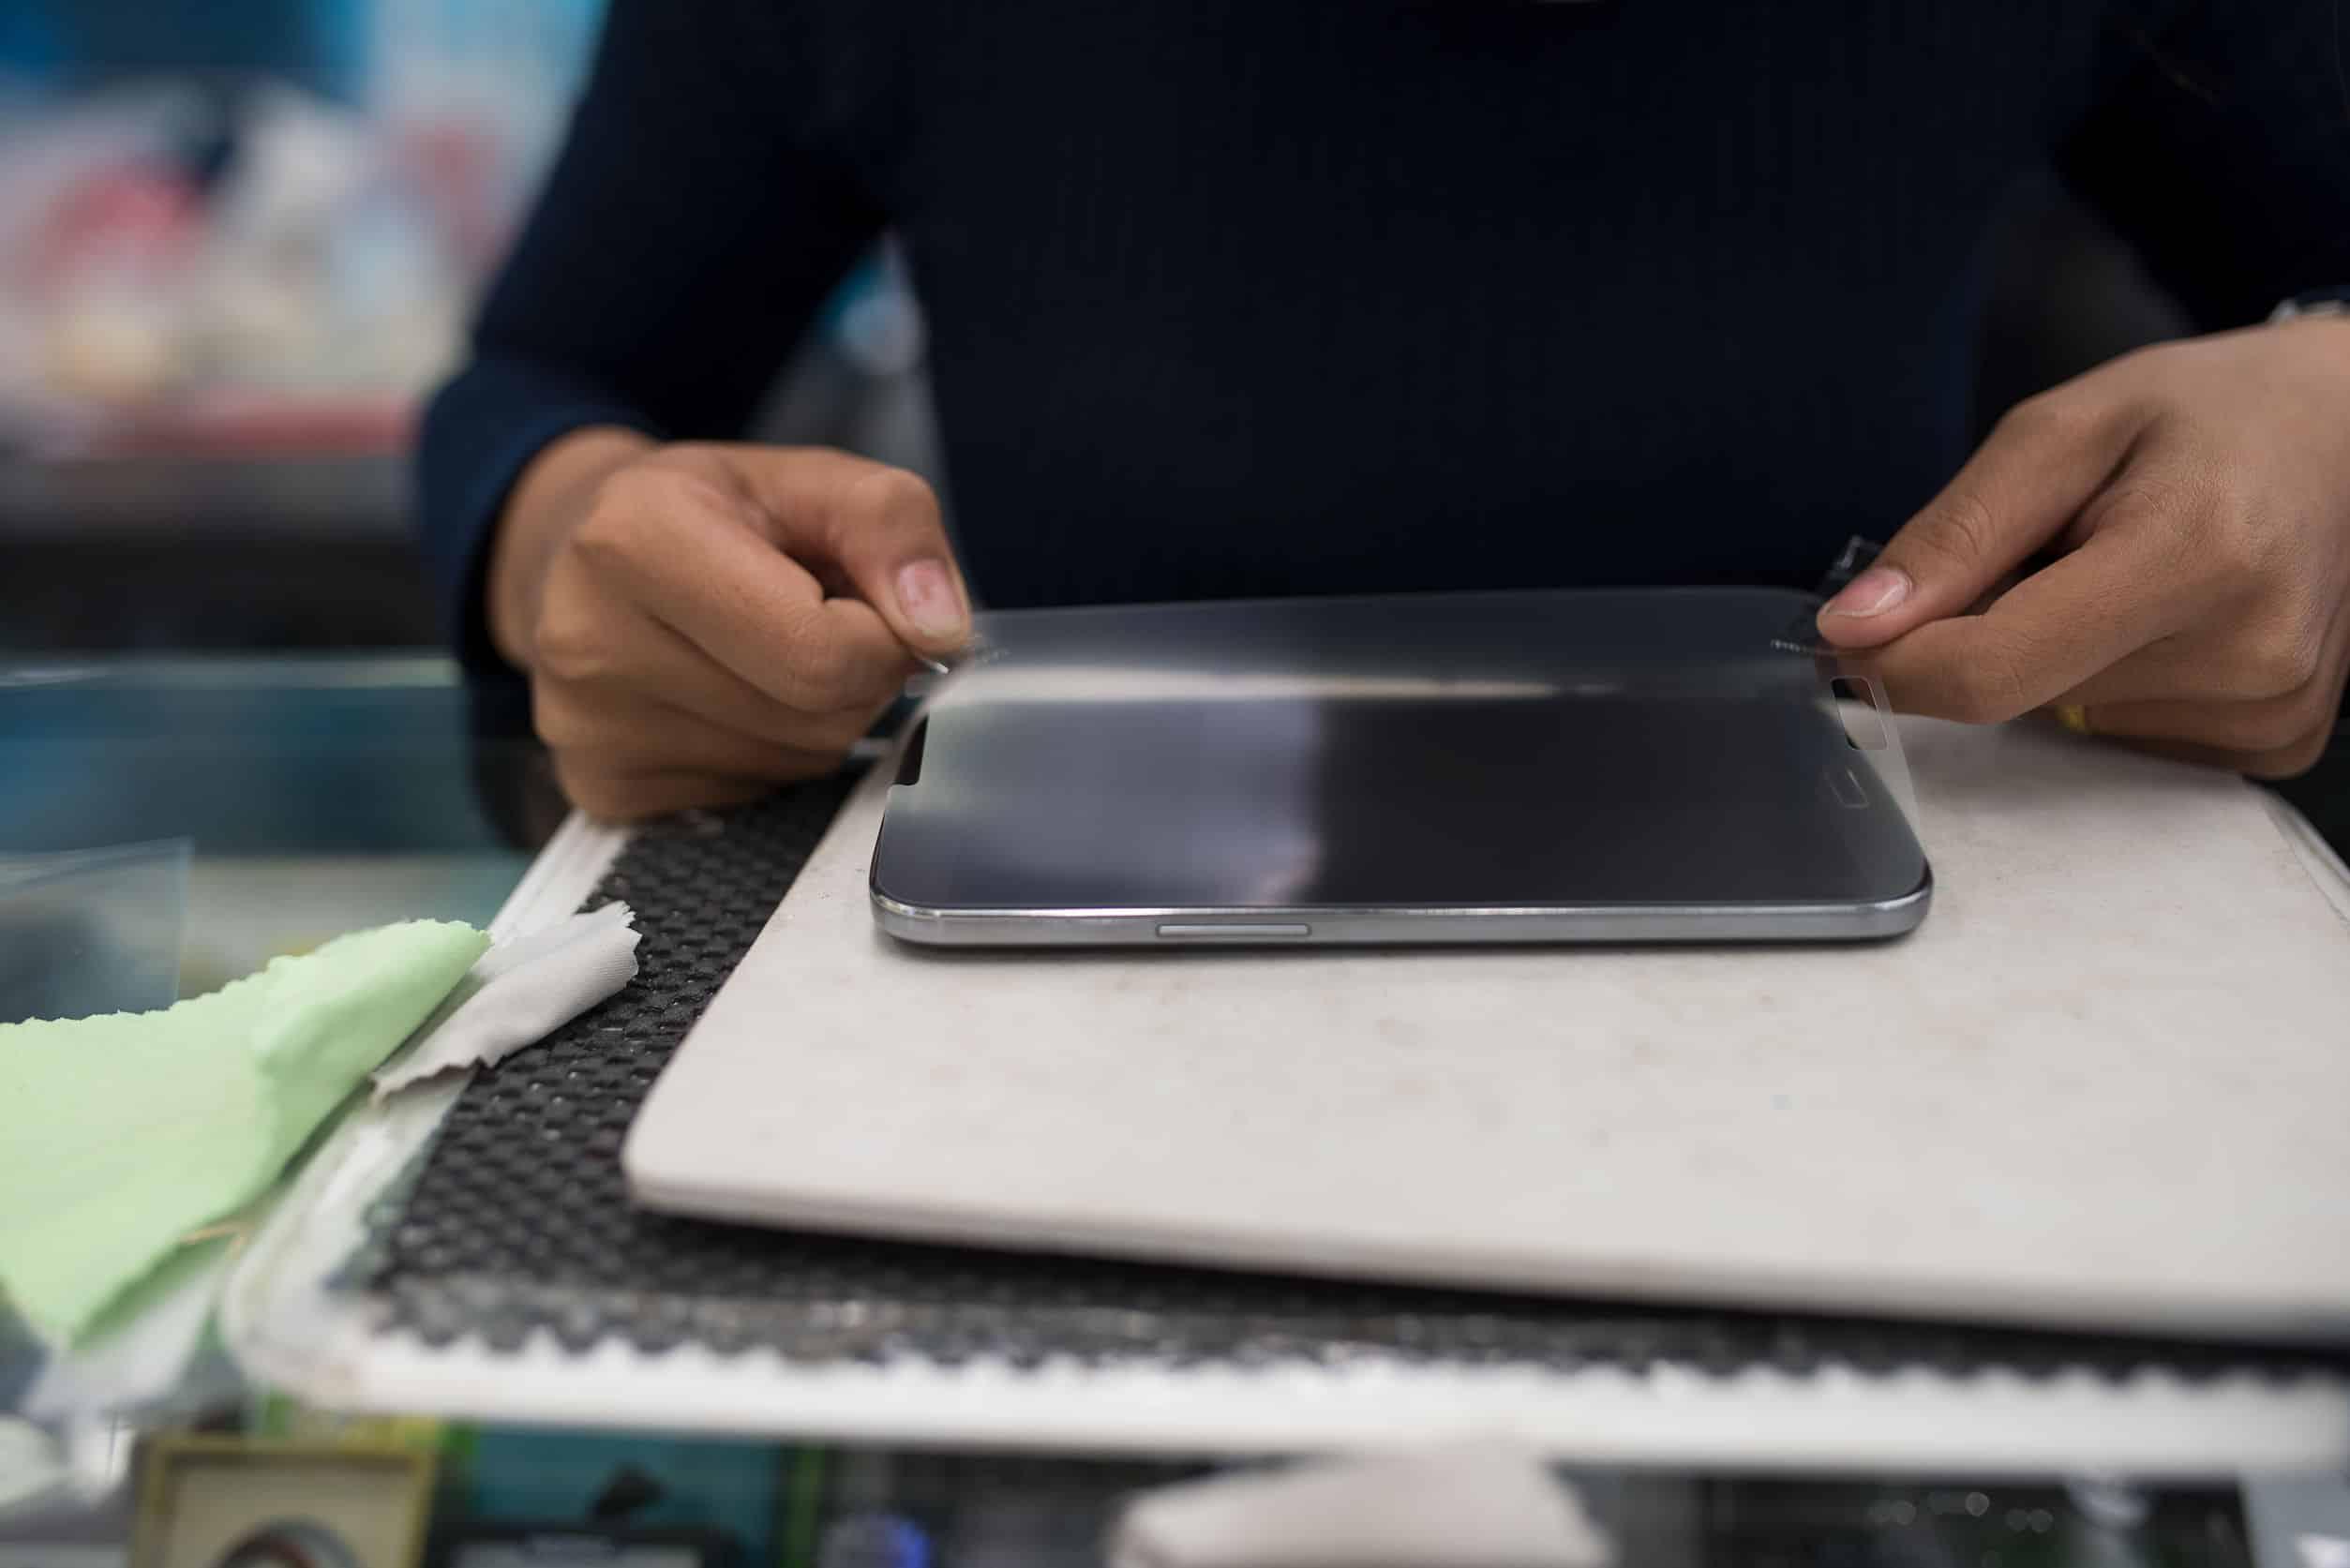 Imagem de pessoa aplicando película de vidro em um celular.